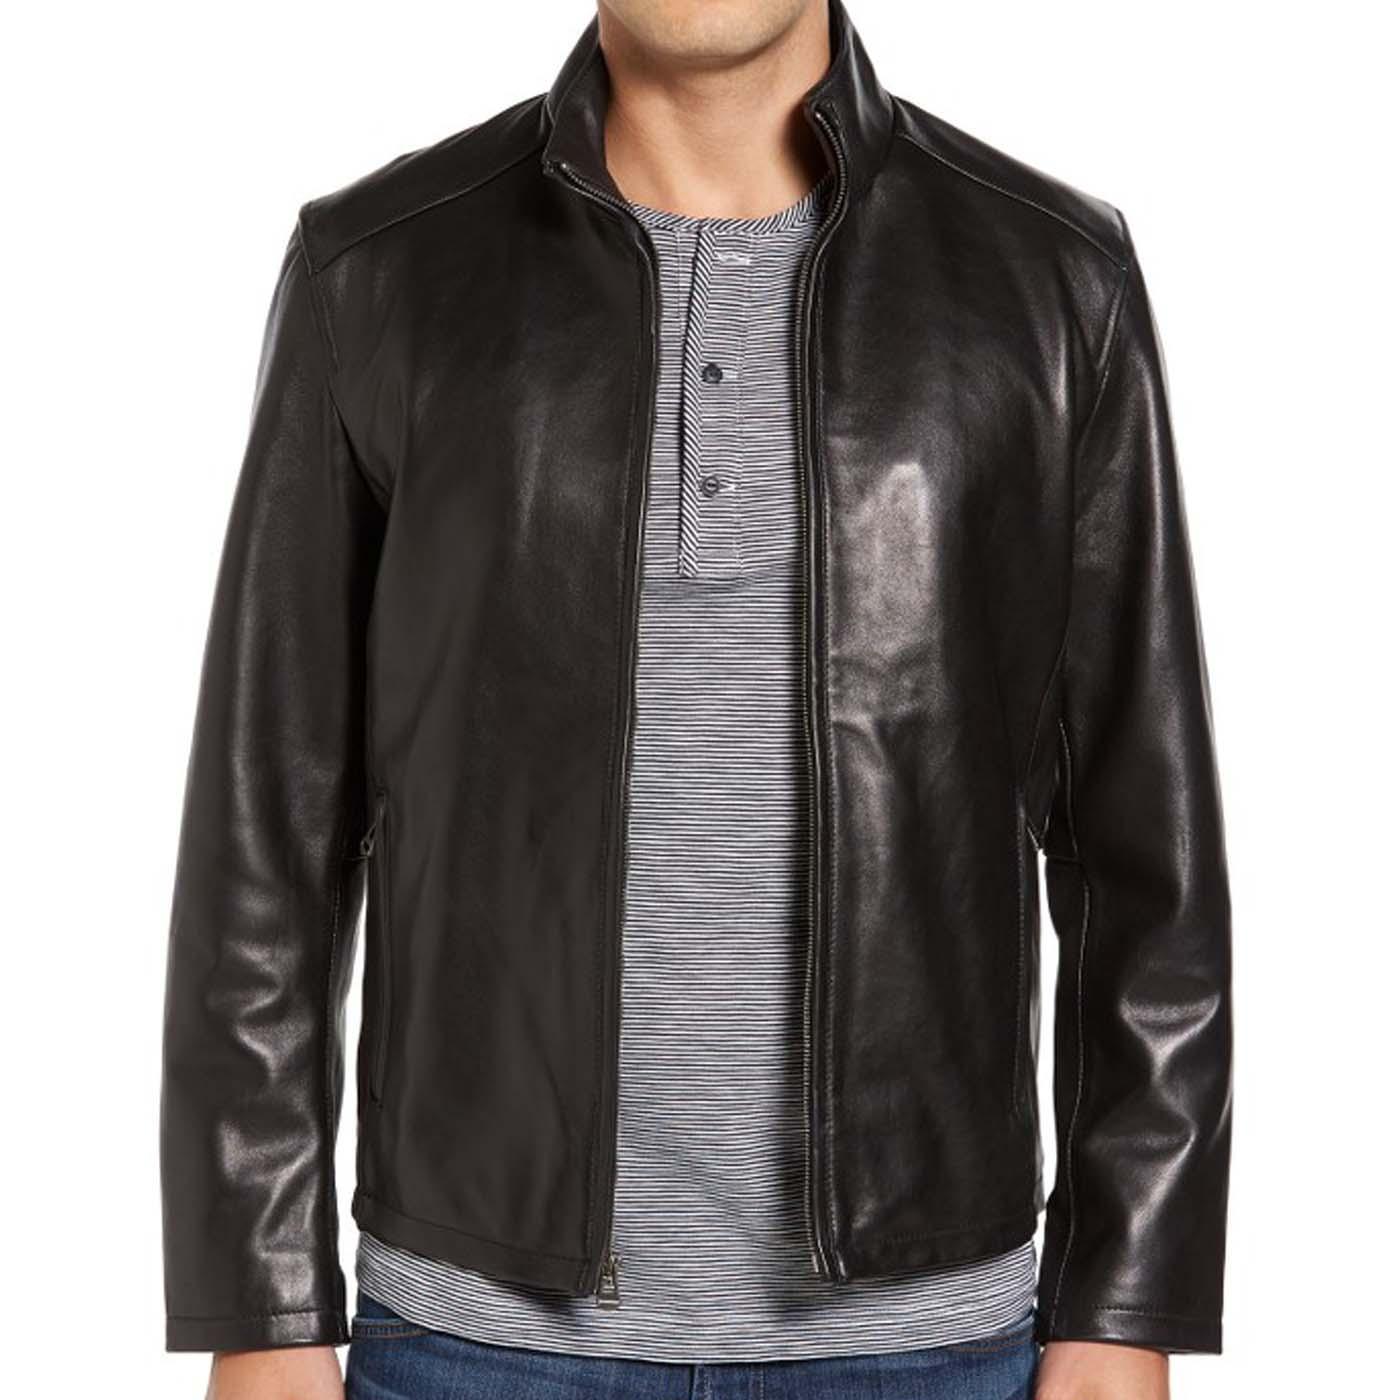 Leather Jacket for men..